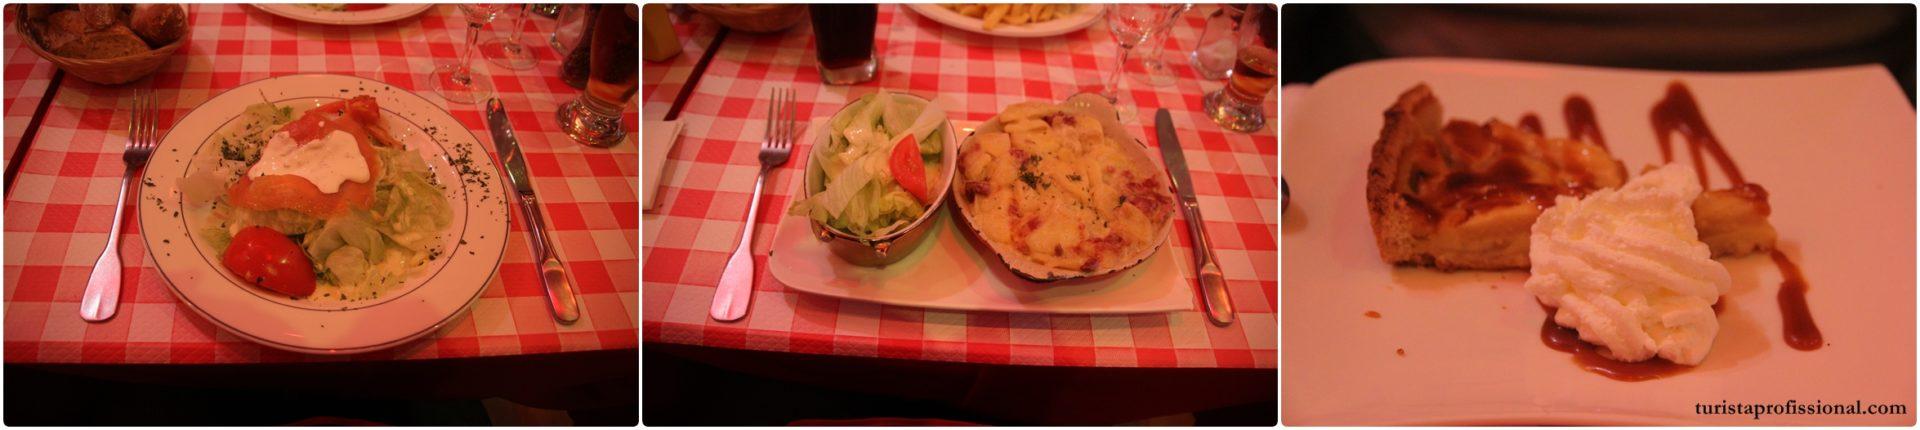 Menut Francês - Uma tarde em Paris